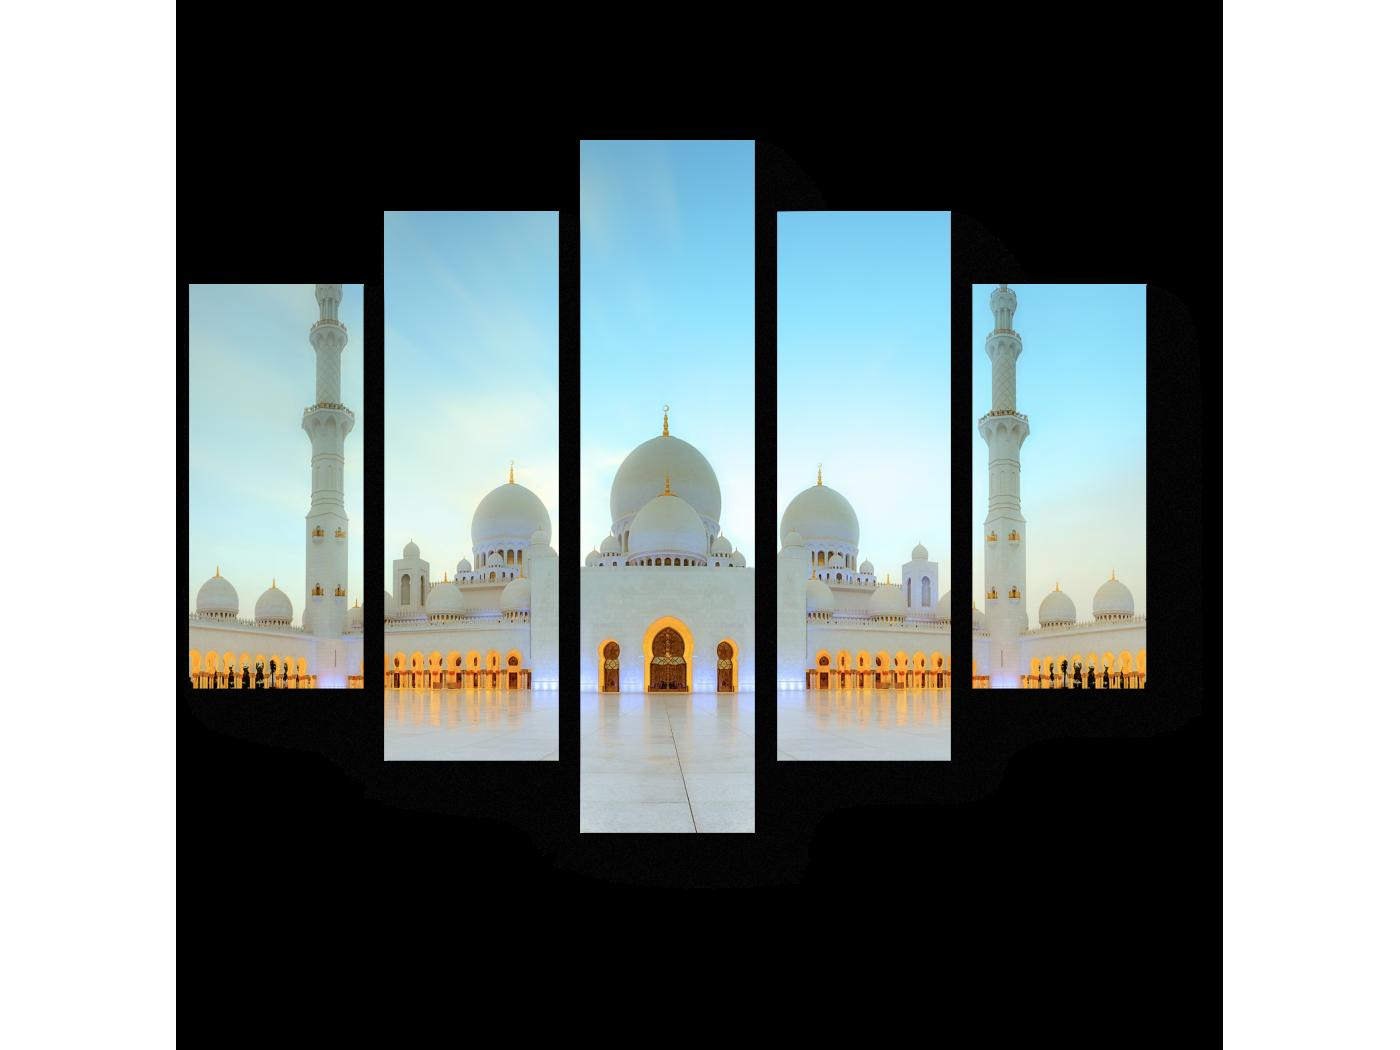 Модульная картина Мечеть Шейха Зайда, Абу-Даби (75x60) фото